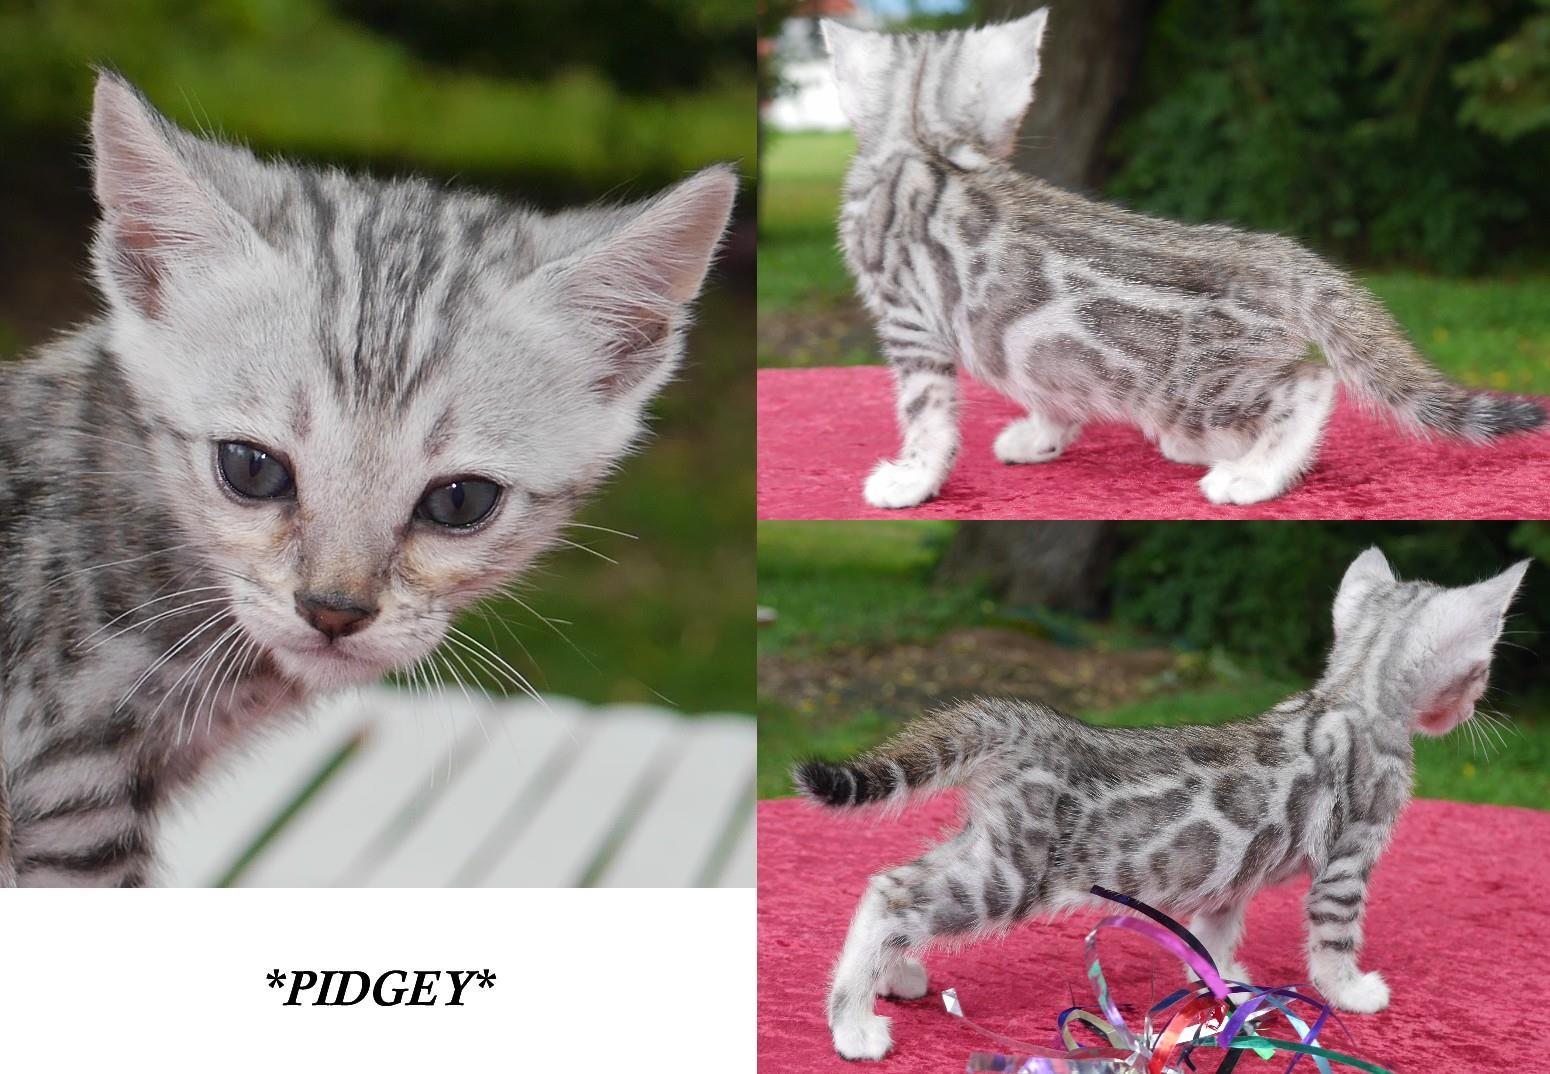 Pidgey 5 Weeks